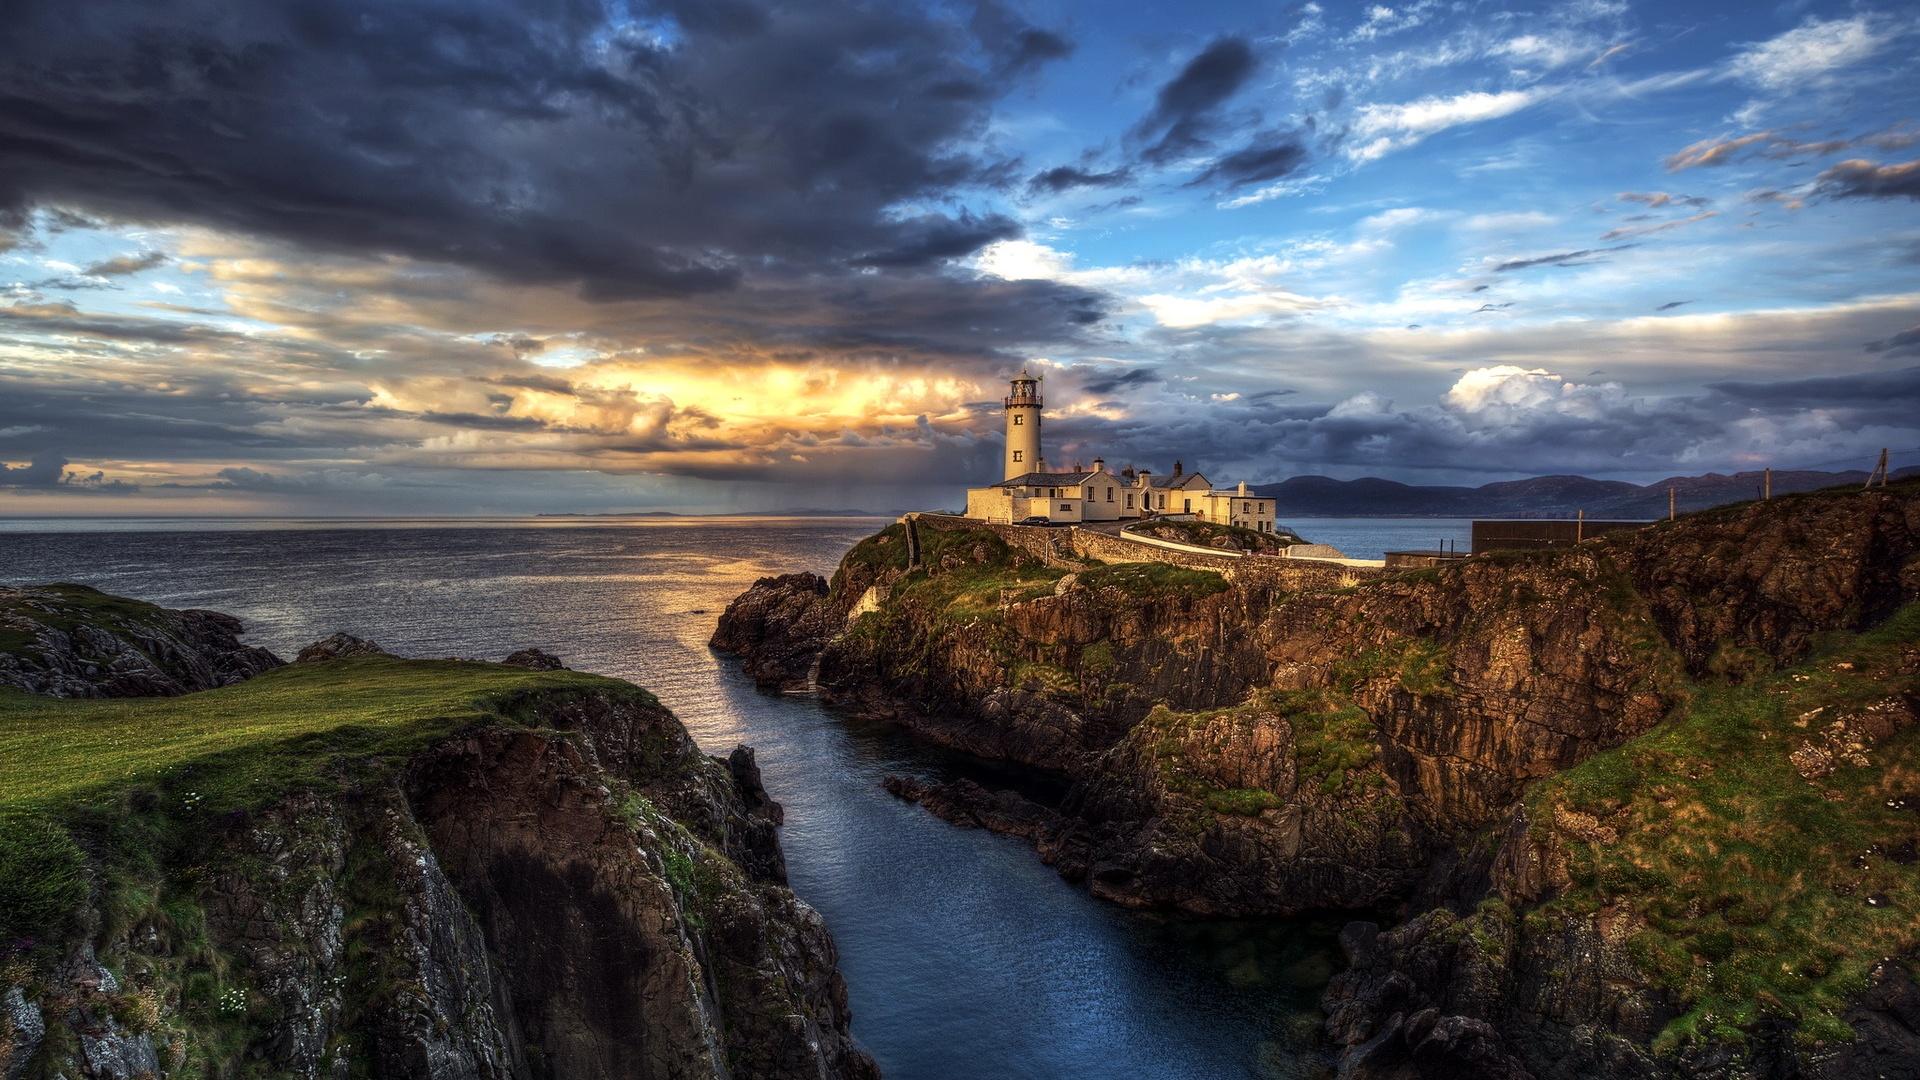 Ireland lighthouse ocean seascape sunset clouds Wallpaper Widescreen 1920x1080